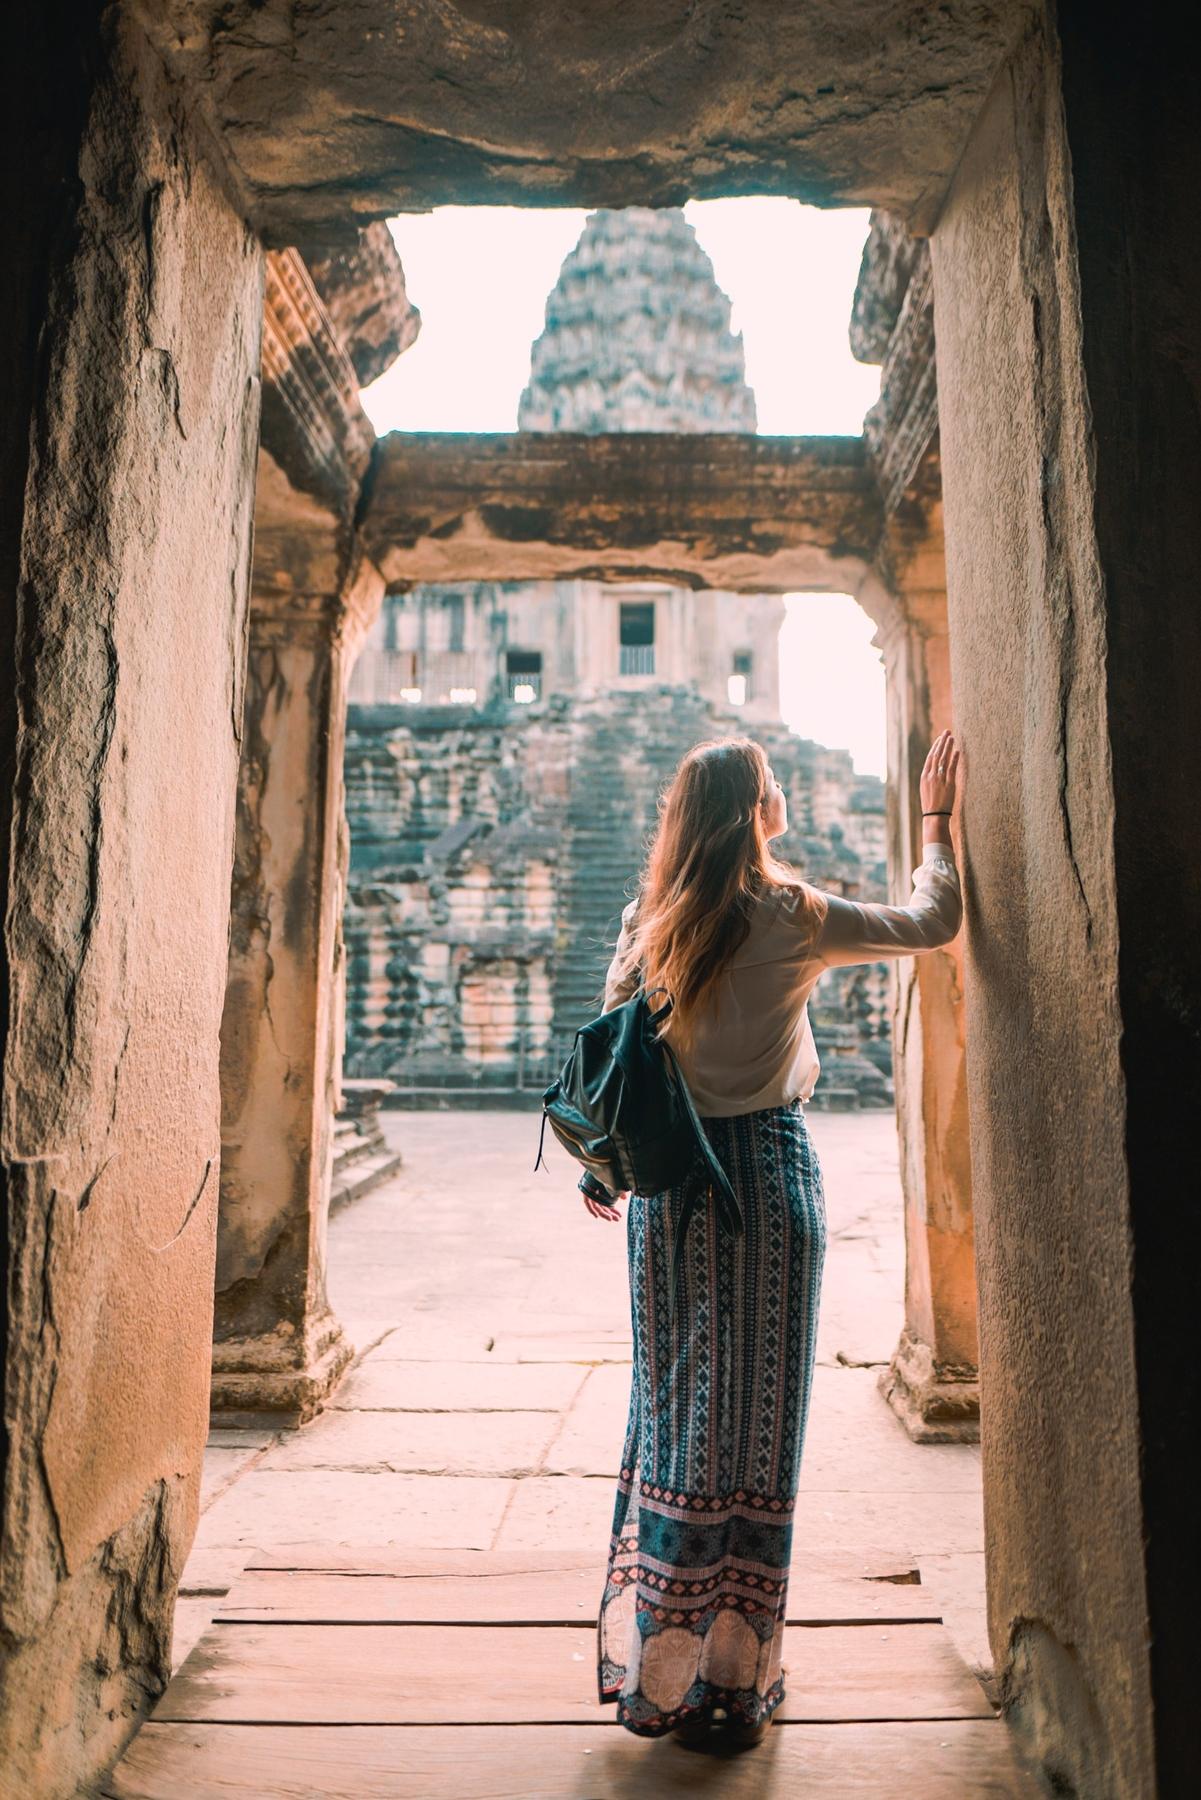 В какие страны визу выдают по прибытии: Камбоджа и не только